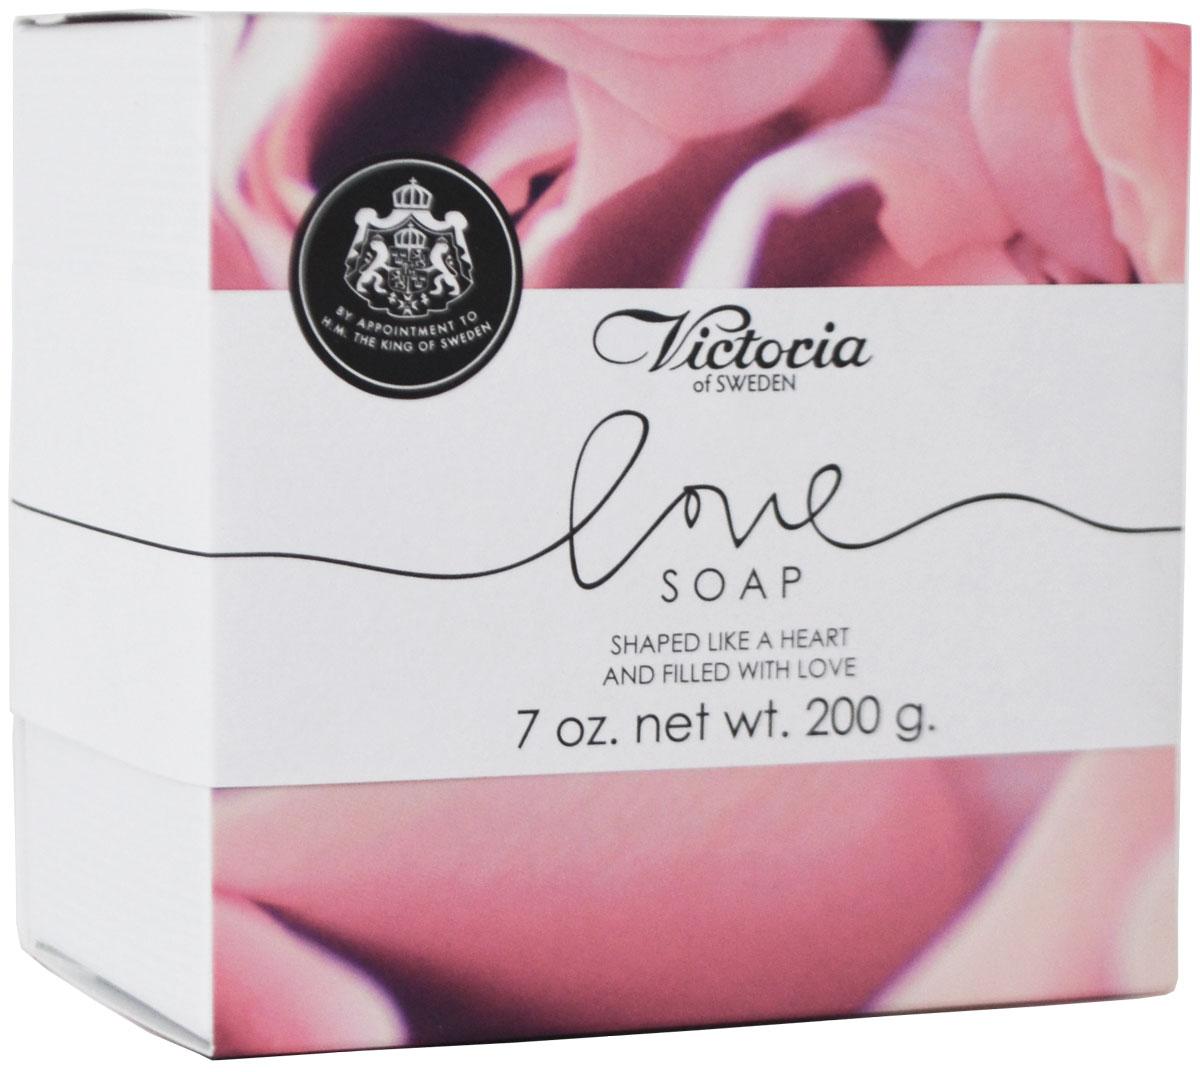 Victoria Soap Мыло для тела Love Soap Day, 200 гDB4010(DB4.510)/голубой/розовыйЭто роскошное мыло создано в форме сердца, чтобы наполнить вашу ванную комнату любовью и свежим ароматом розы и пиона с капельками утренней росы. Начните утро с мылом Love Soap Day - и каждый день будет ярким и незабываемым, а вы почувствуете себя истинной Королевой.Товар сертифицирован.